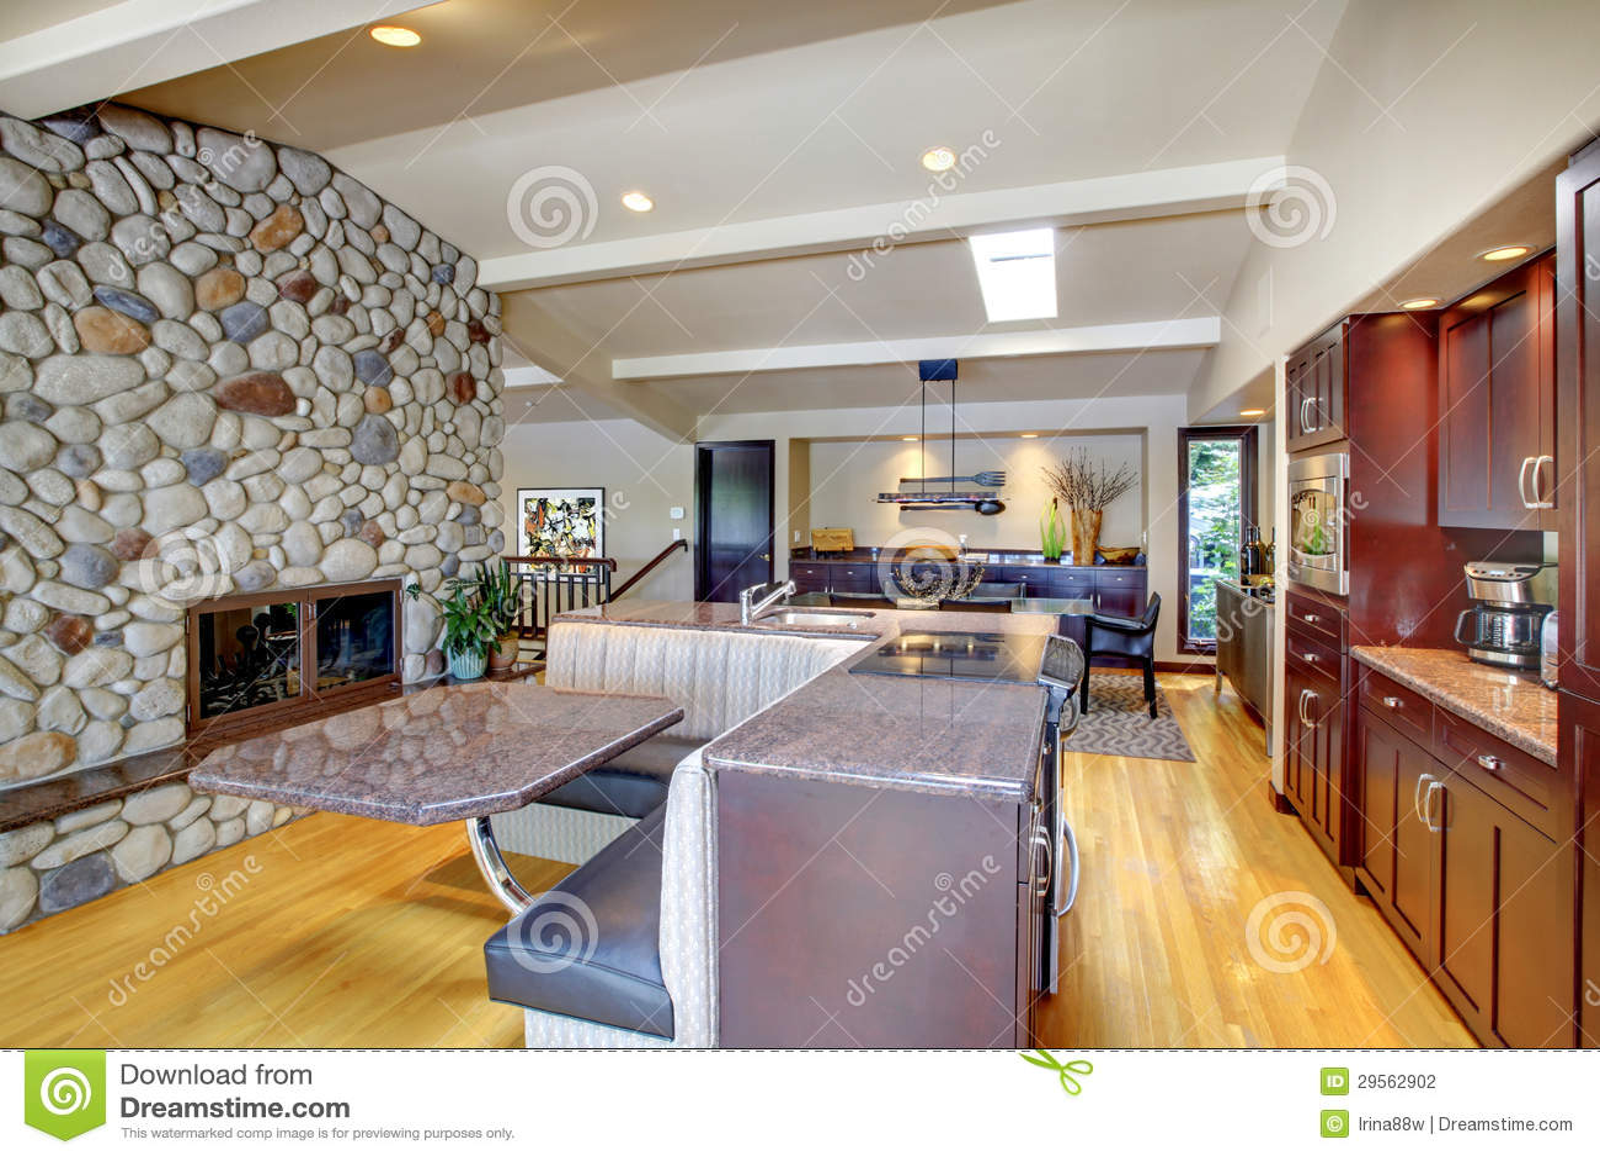 Cocina mohogany de lujo con muebles modernos y la chimenea - Muebles de piedra ...